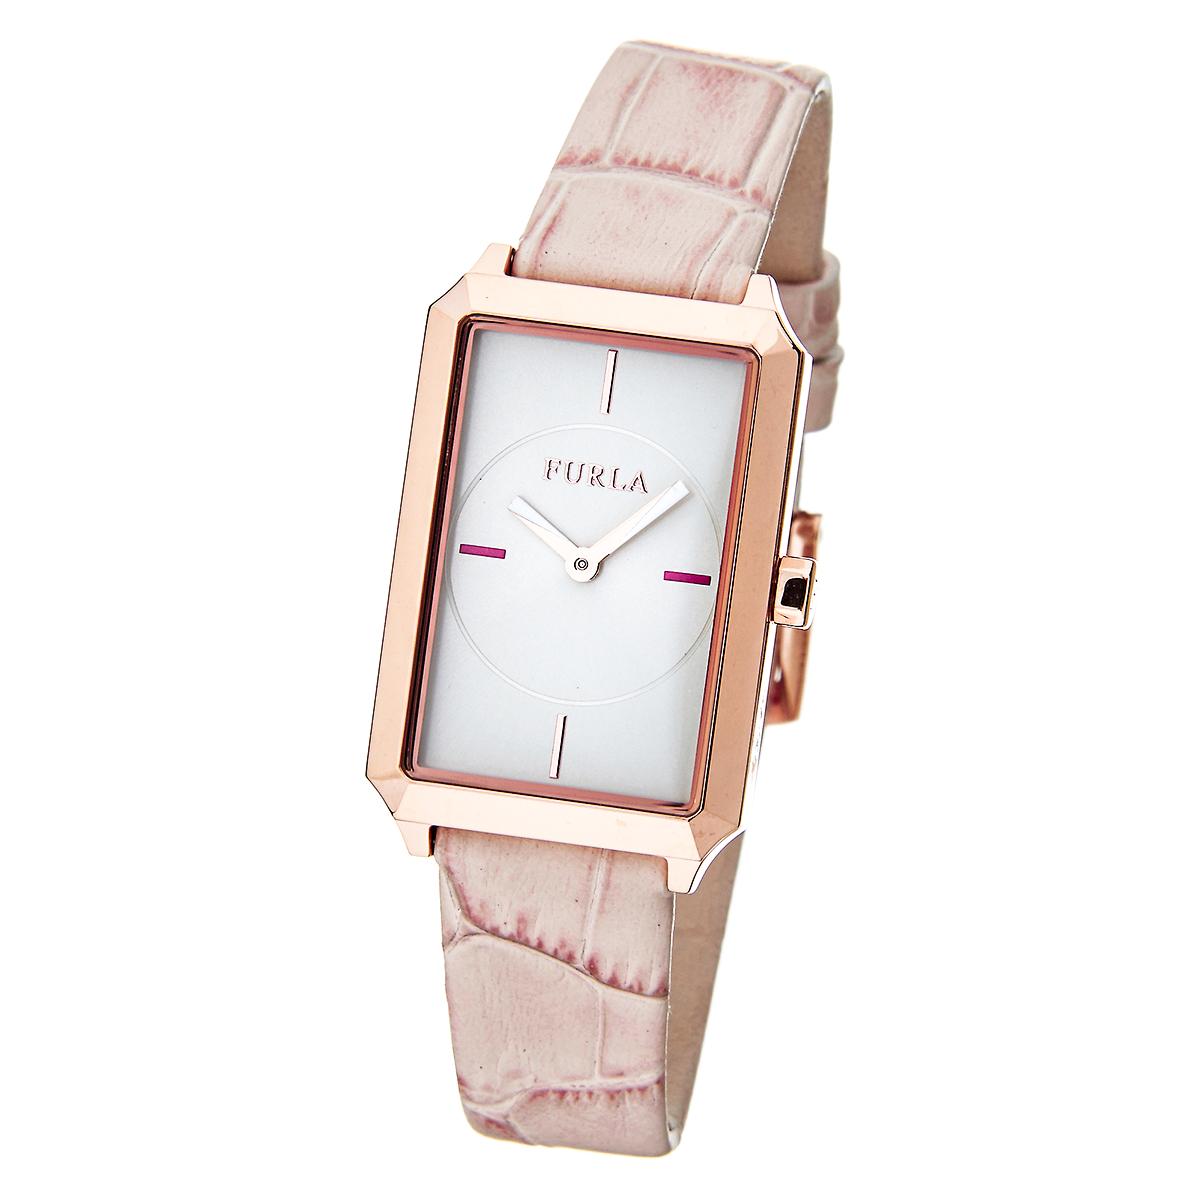 フルラ FURLA 腕時計 レディース DIANA (ディアーナ) ローズゴールド/シルバーR4251104501